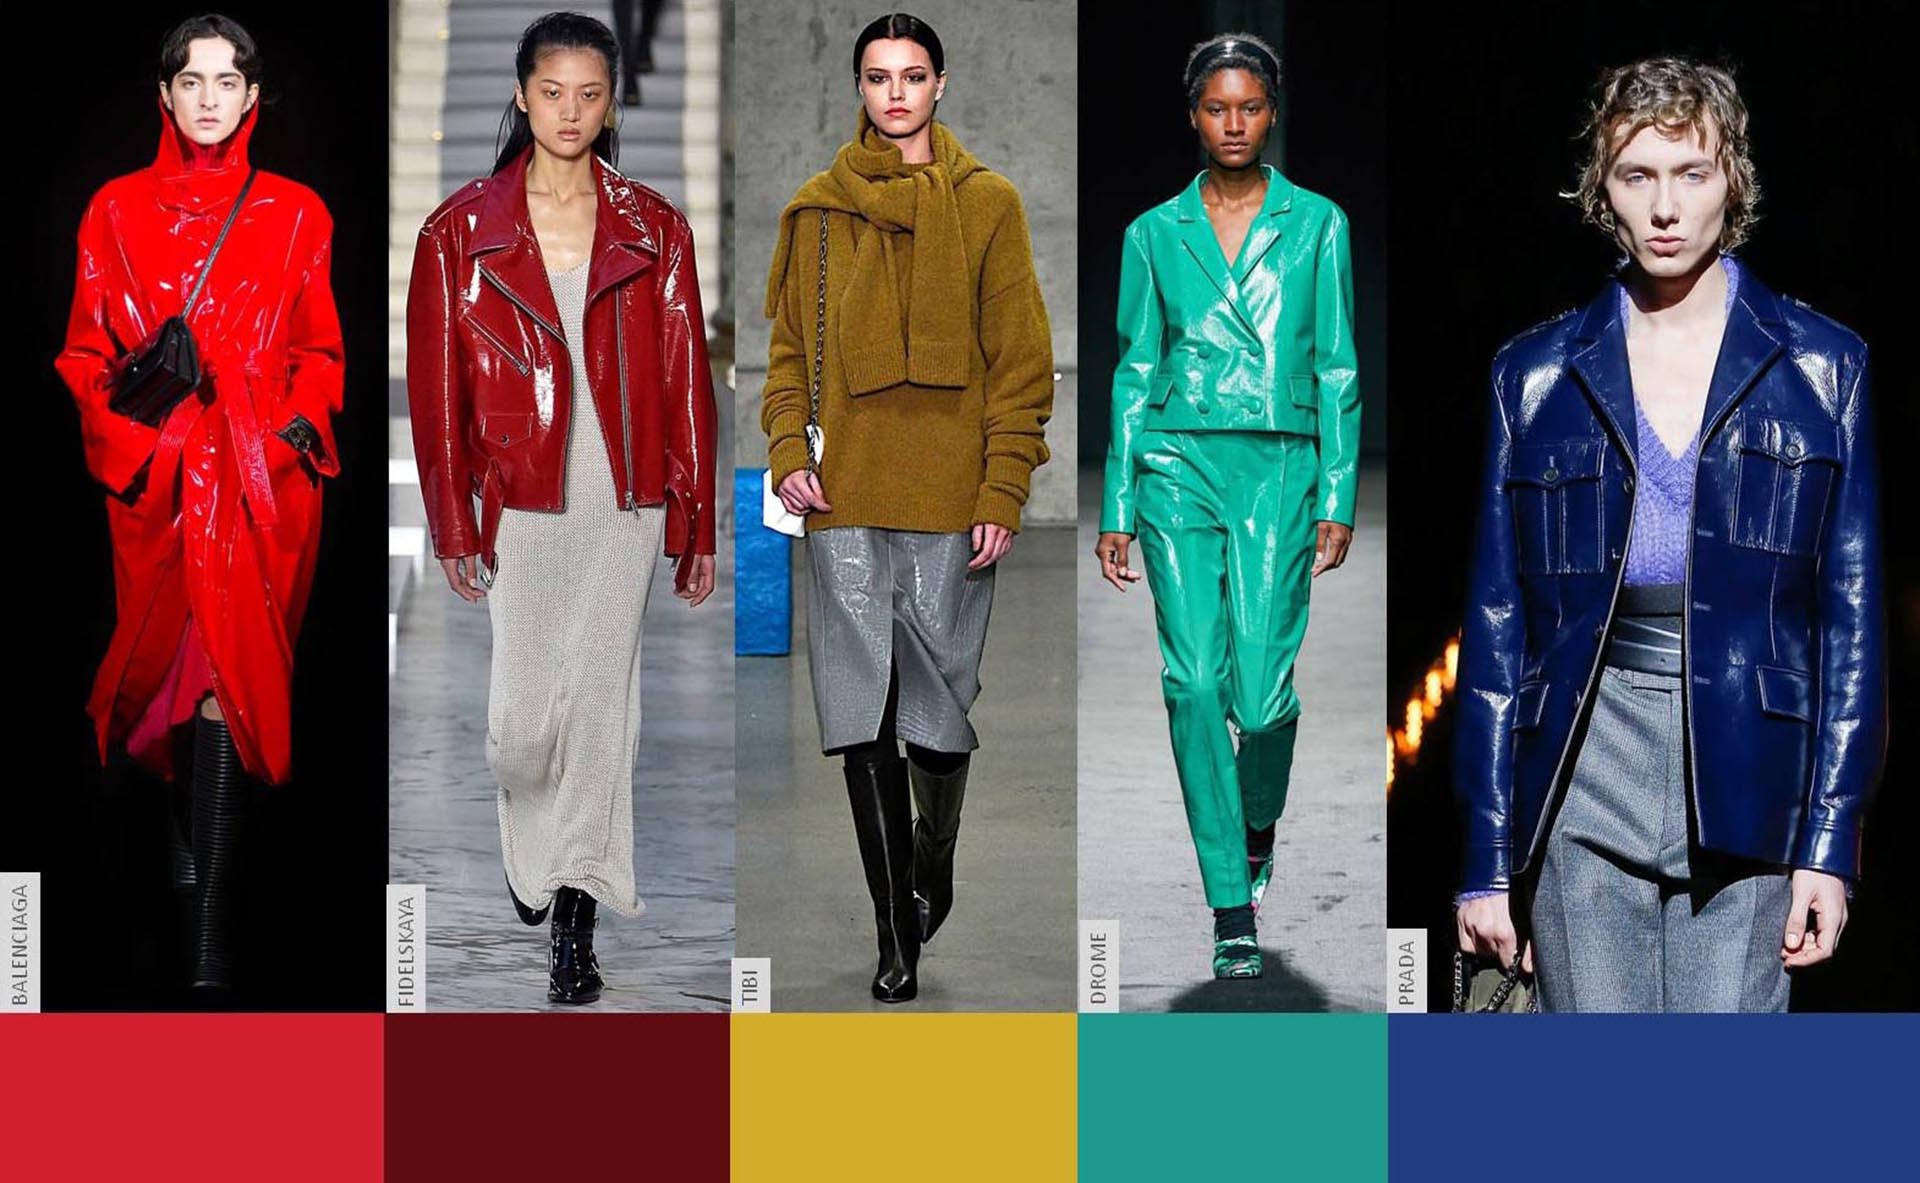 #PARA TI - COLOR - Moda - 06 - GENTILEZA INTI